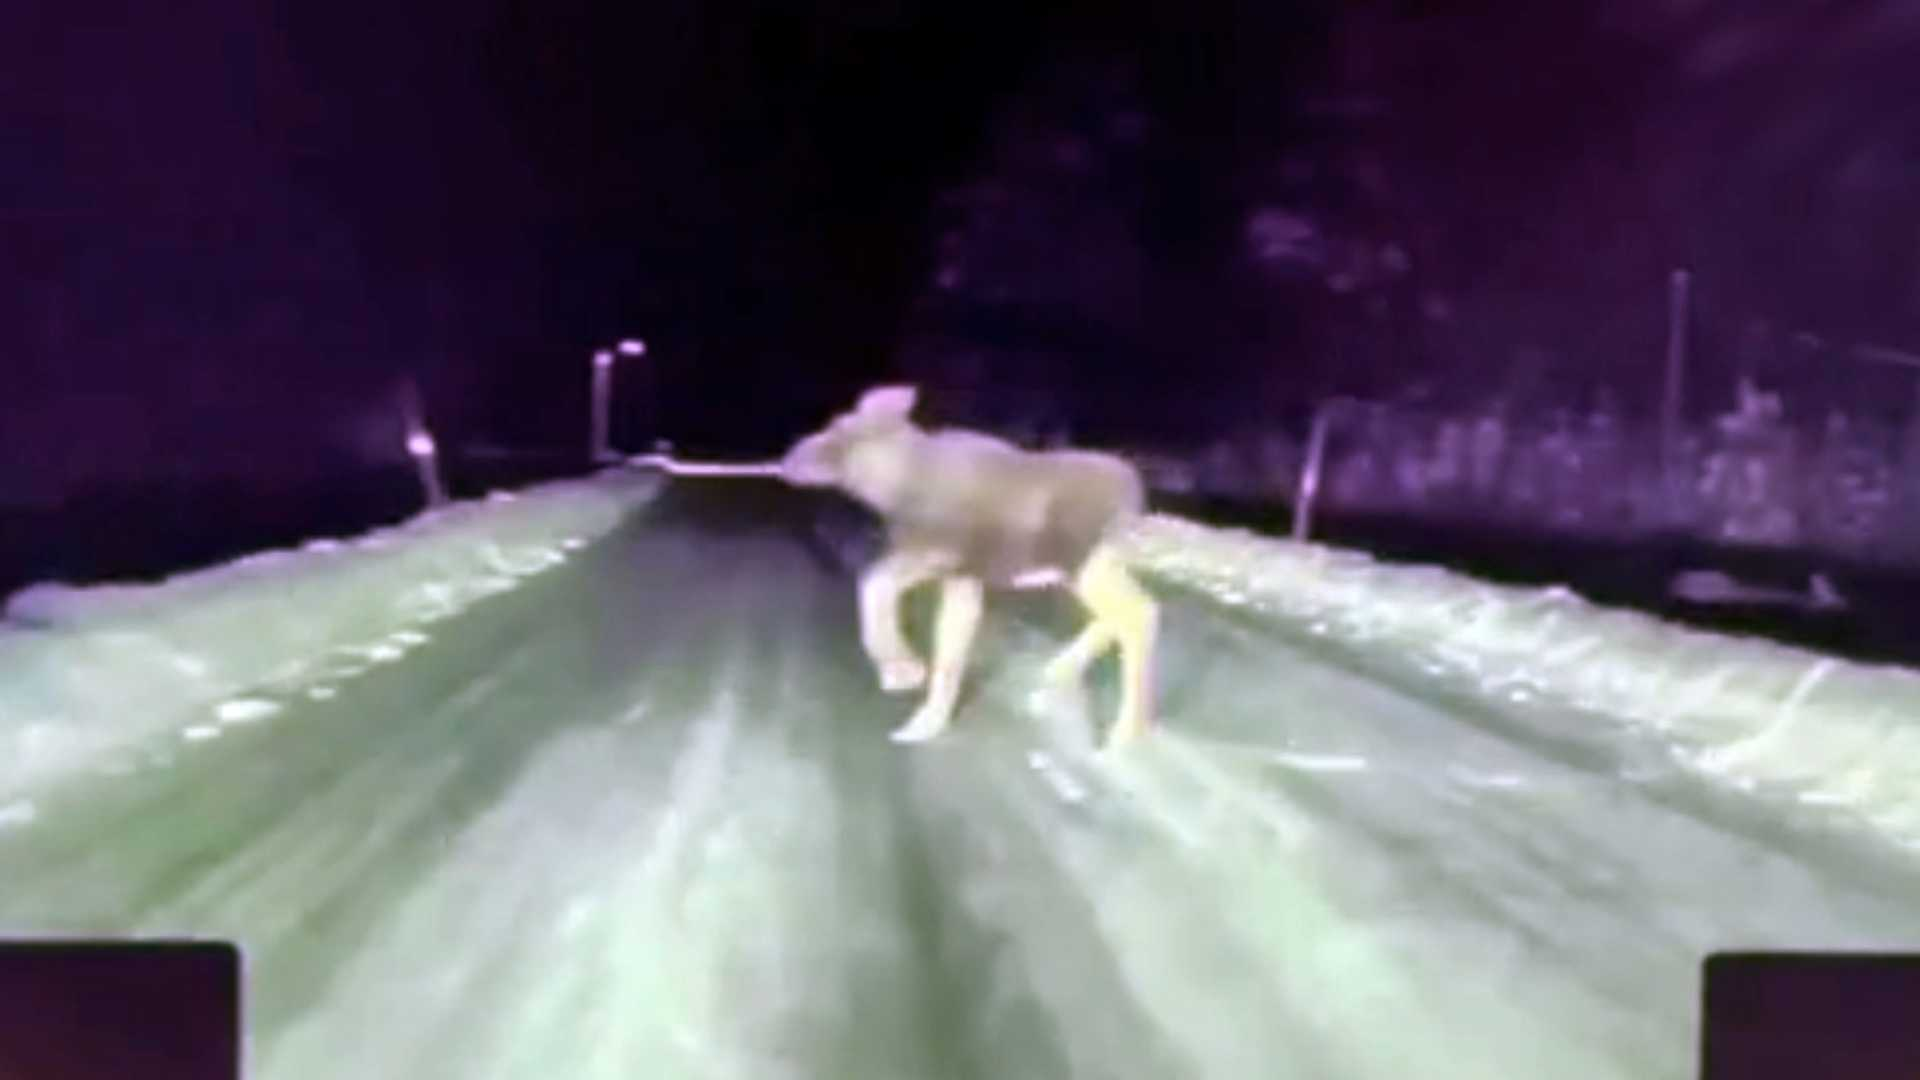 Tesla Model S performs impromptu moose test on dark, icy road